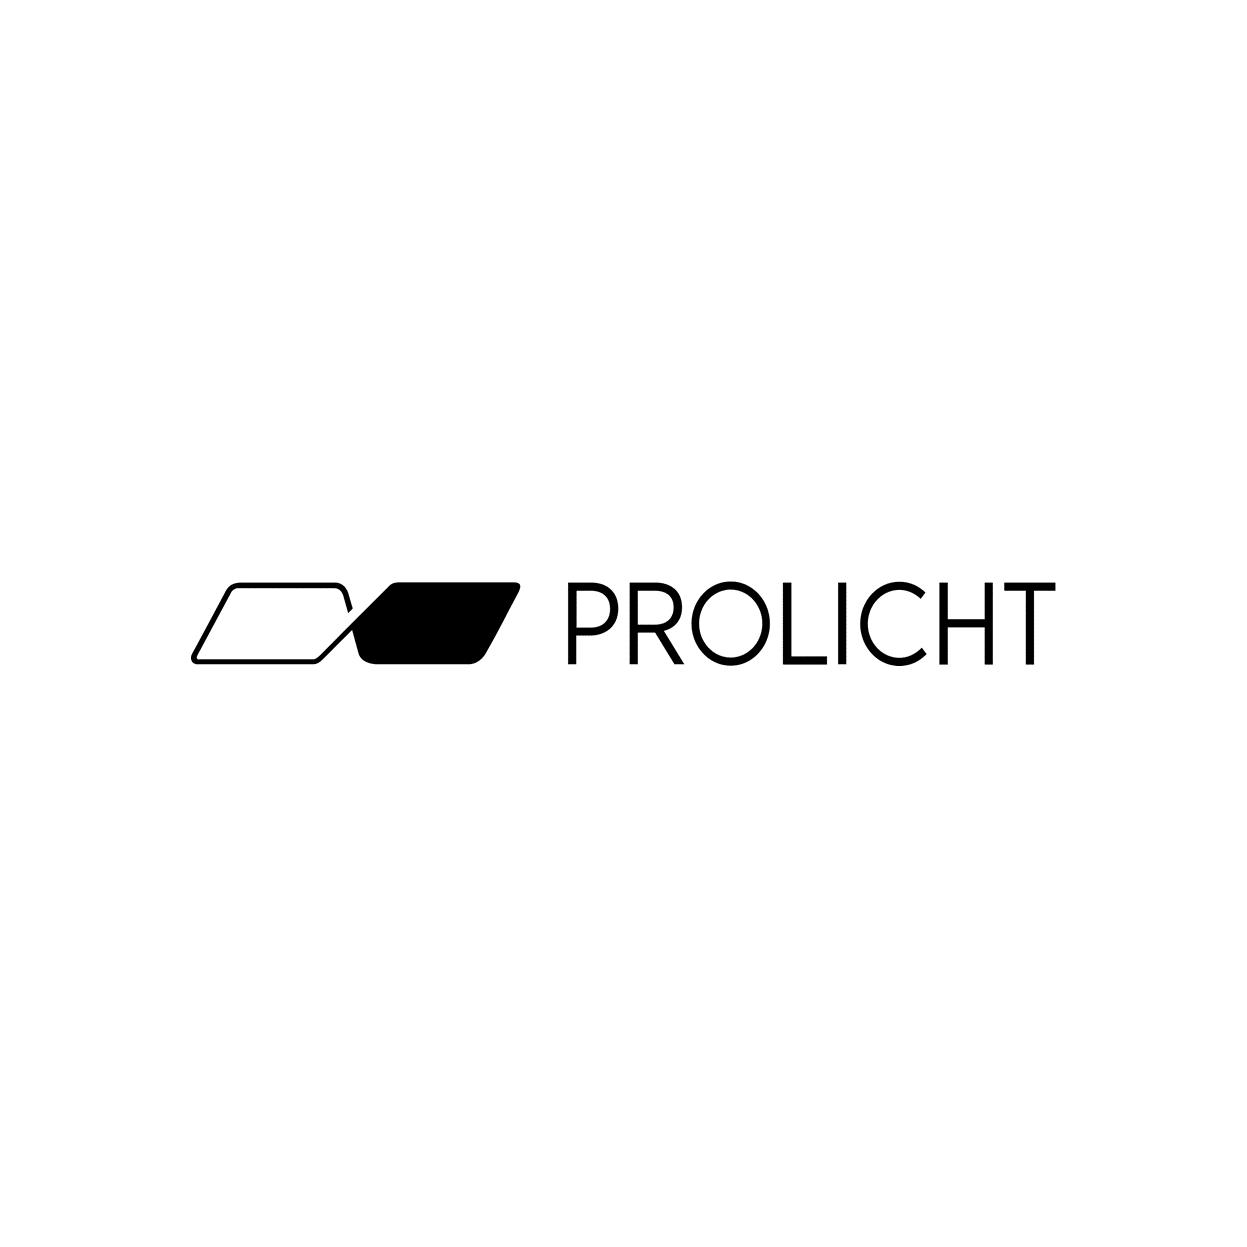 Prolicht - Objekte Licht & Raum GmbH in Hamburg